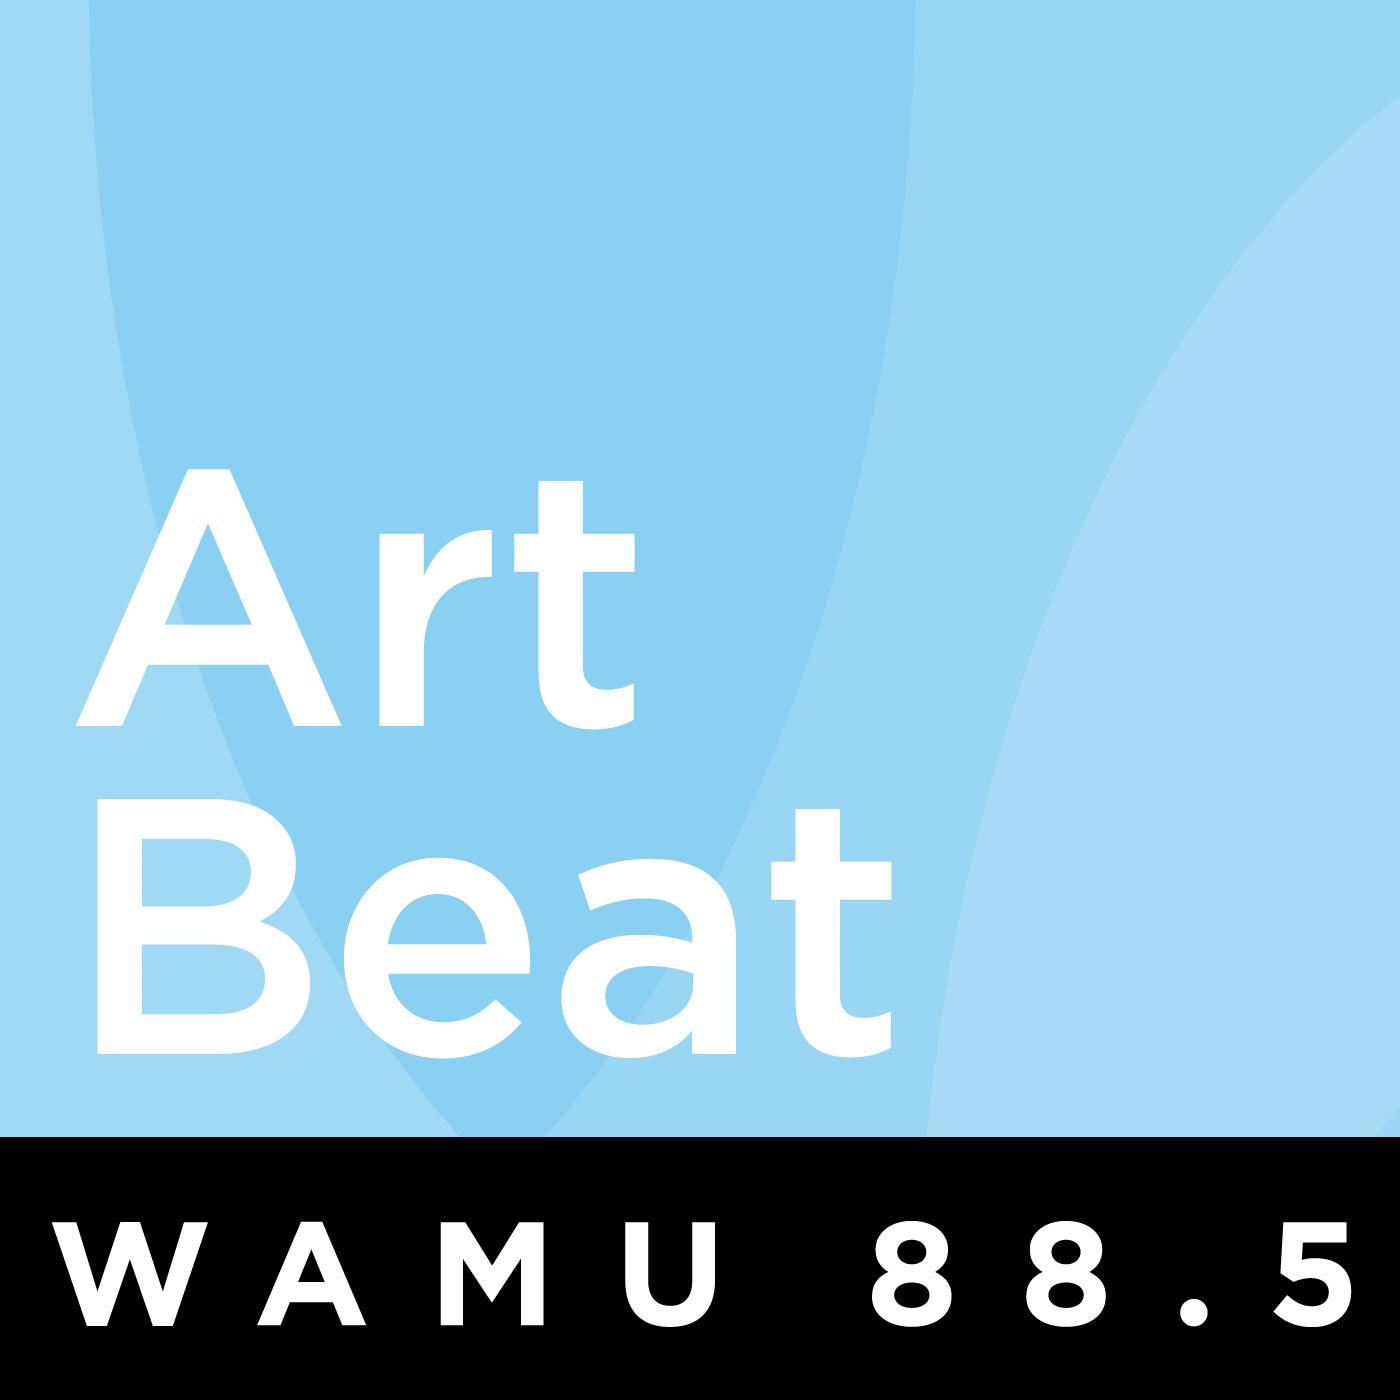 WAMU: Art Beat